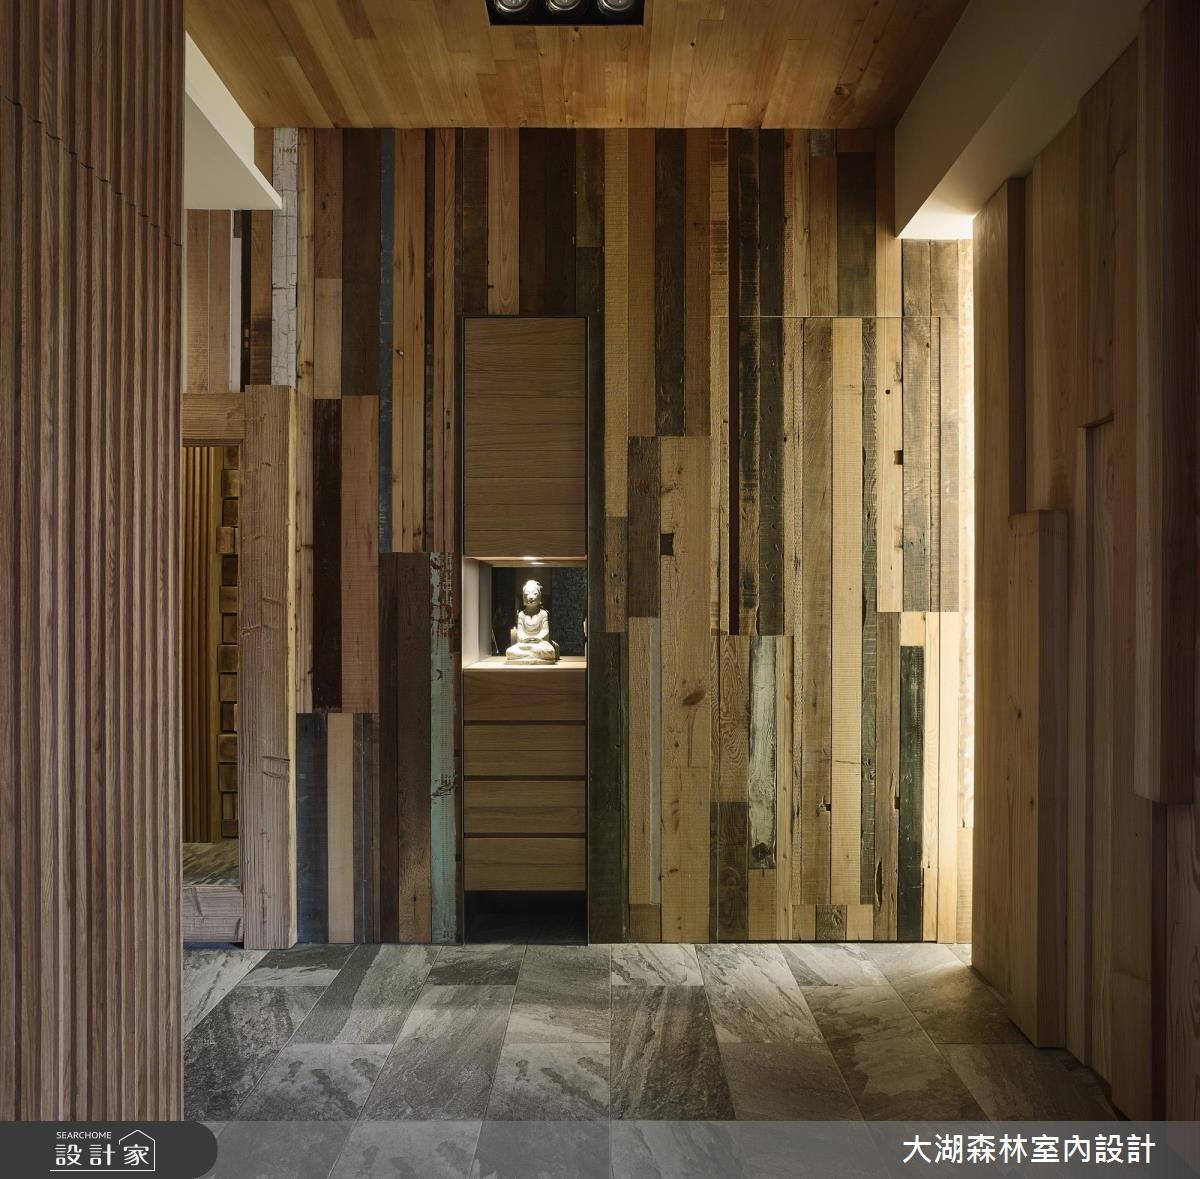 42坪新成屋(5年以下)_休閒風走廊案例圖片_大湖森林室內設計_大湖森林_27之2